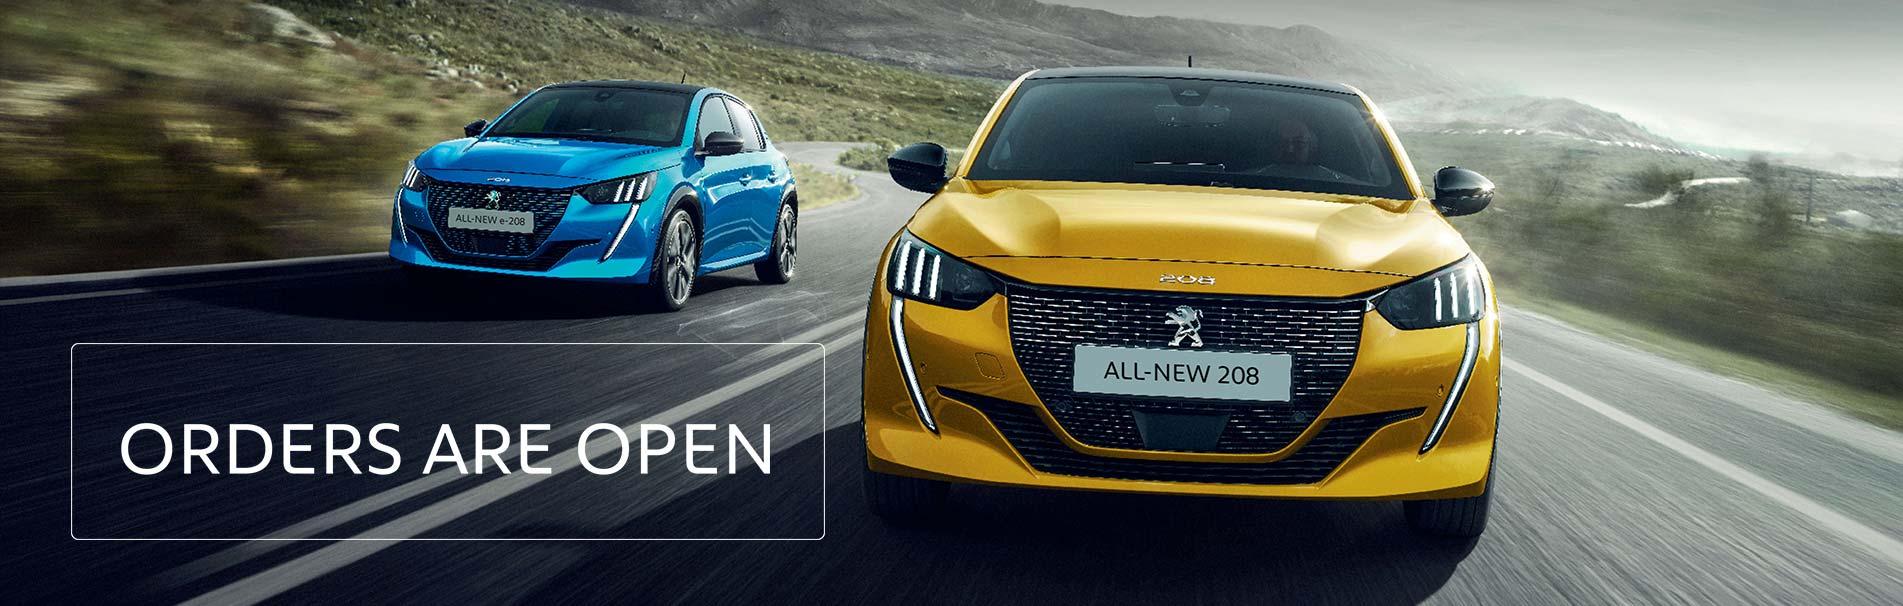 all-new-peugeot-208-orders-now-open-charters-aldershot-sli